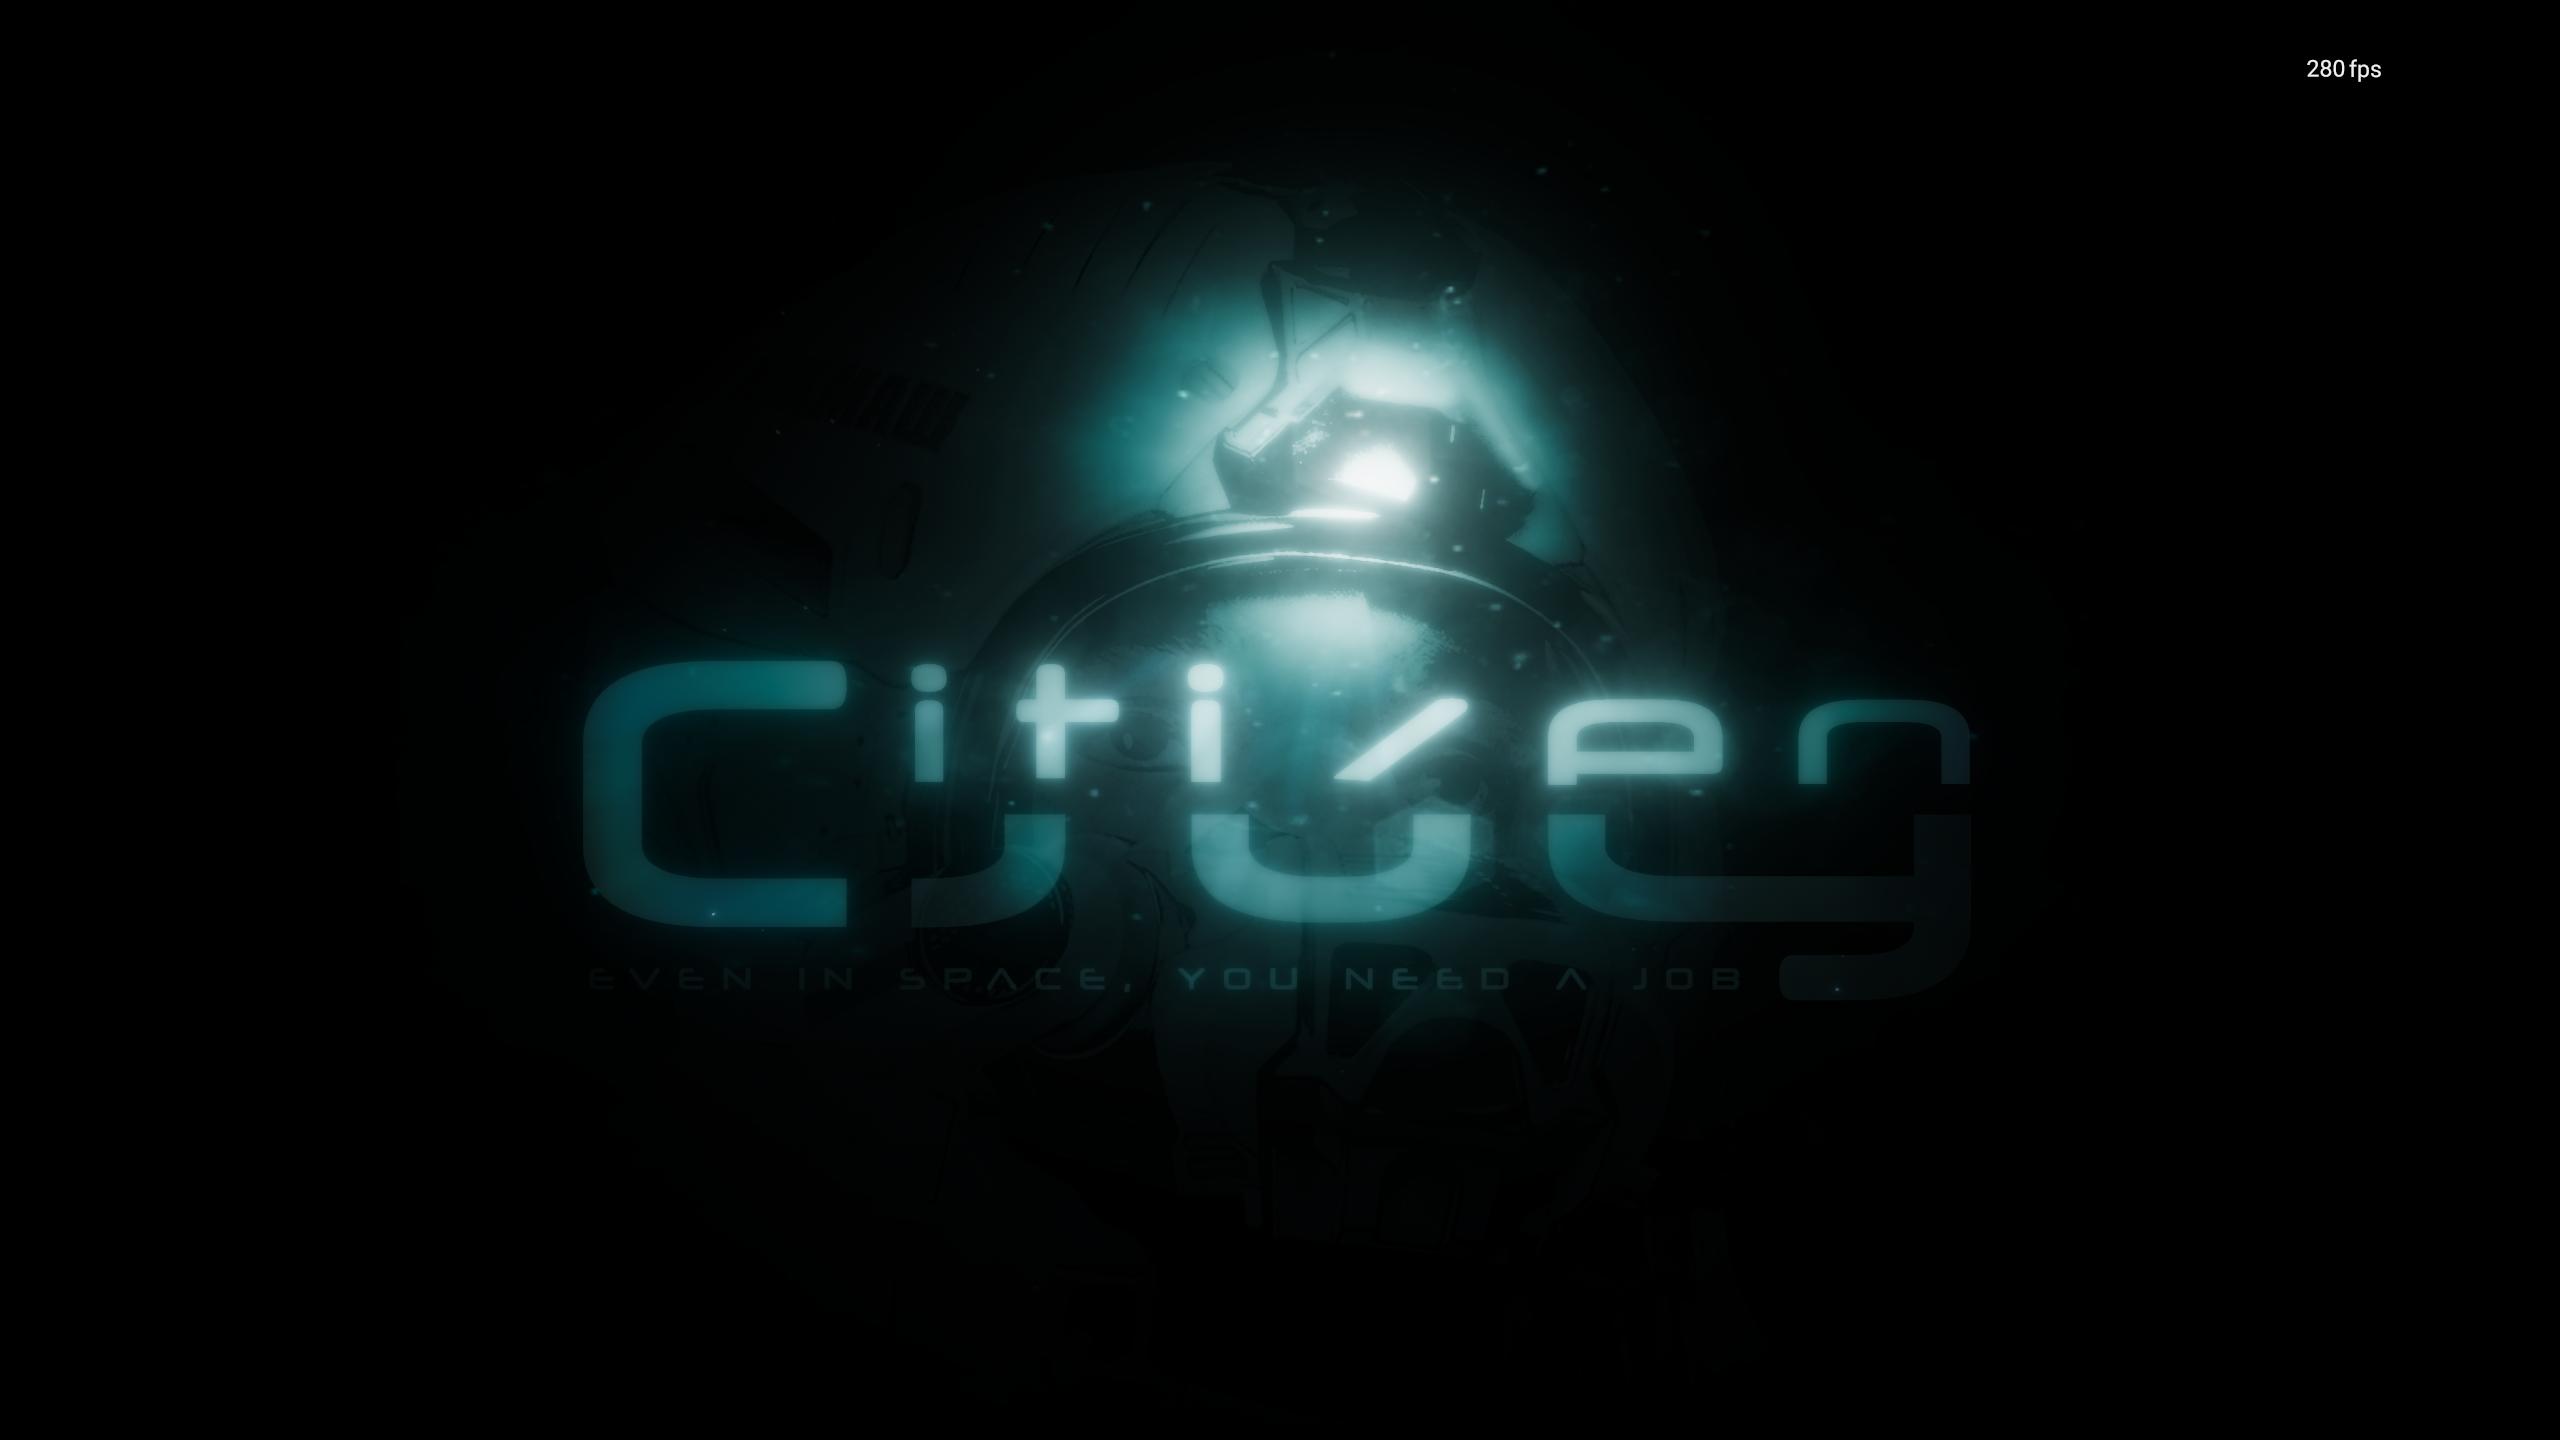 Citizen Guy